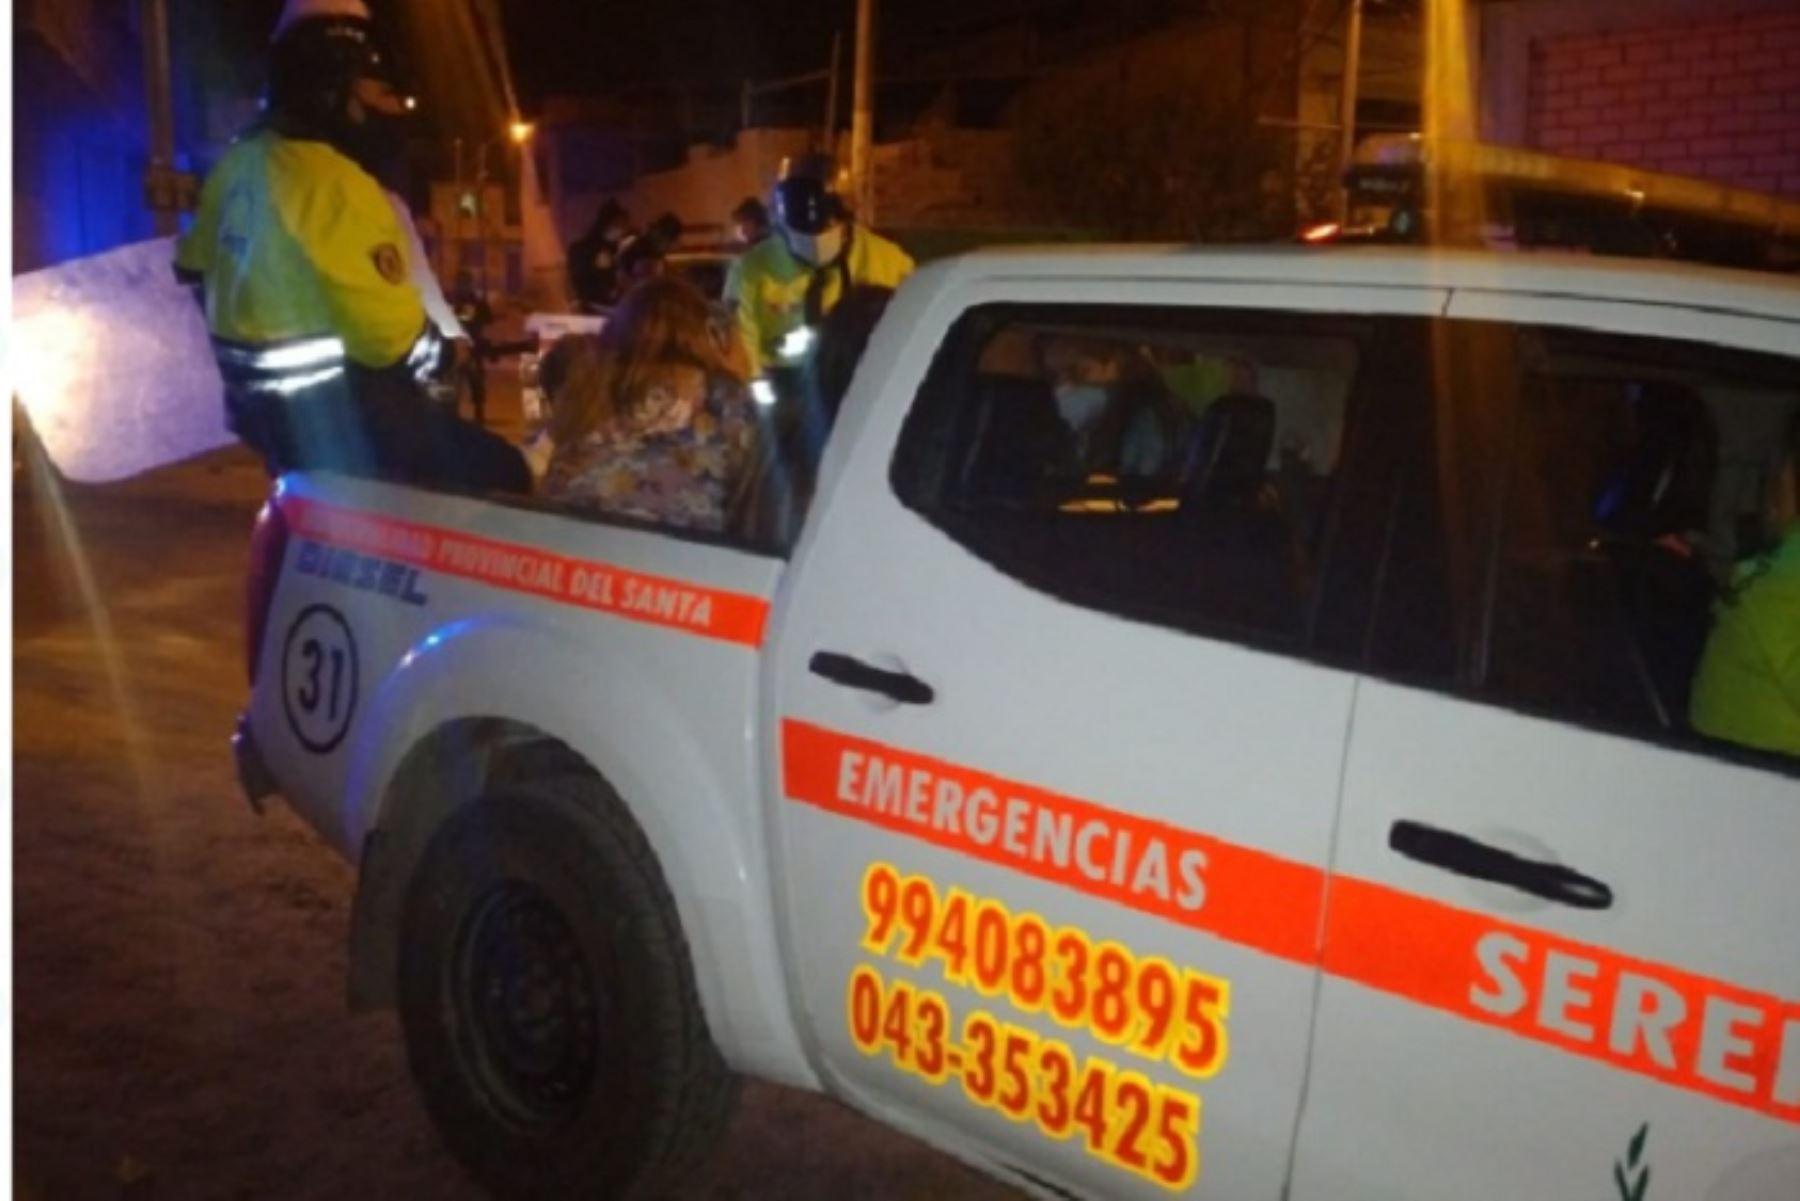 Con el apoyo de agentes de Seguridad Ciudadana, a través del patrullaje integrado, la Policía ingresó a la vivienda ubicada en el asentamiento humano El Progreso de Chimbote, donde se realizaba una fiesta popular amenizada con un chancalatas.